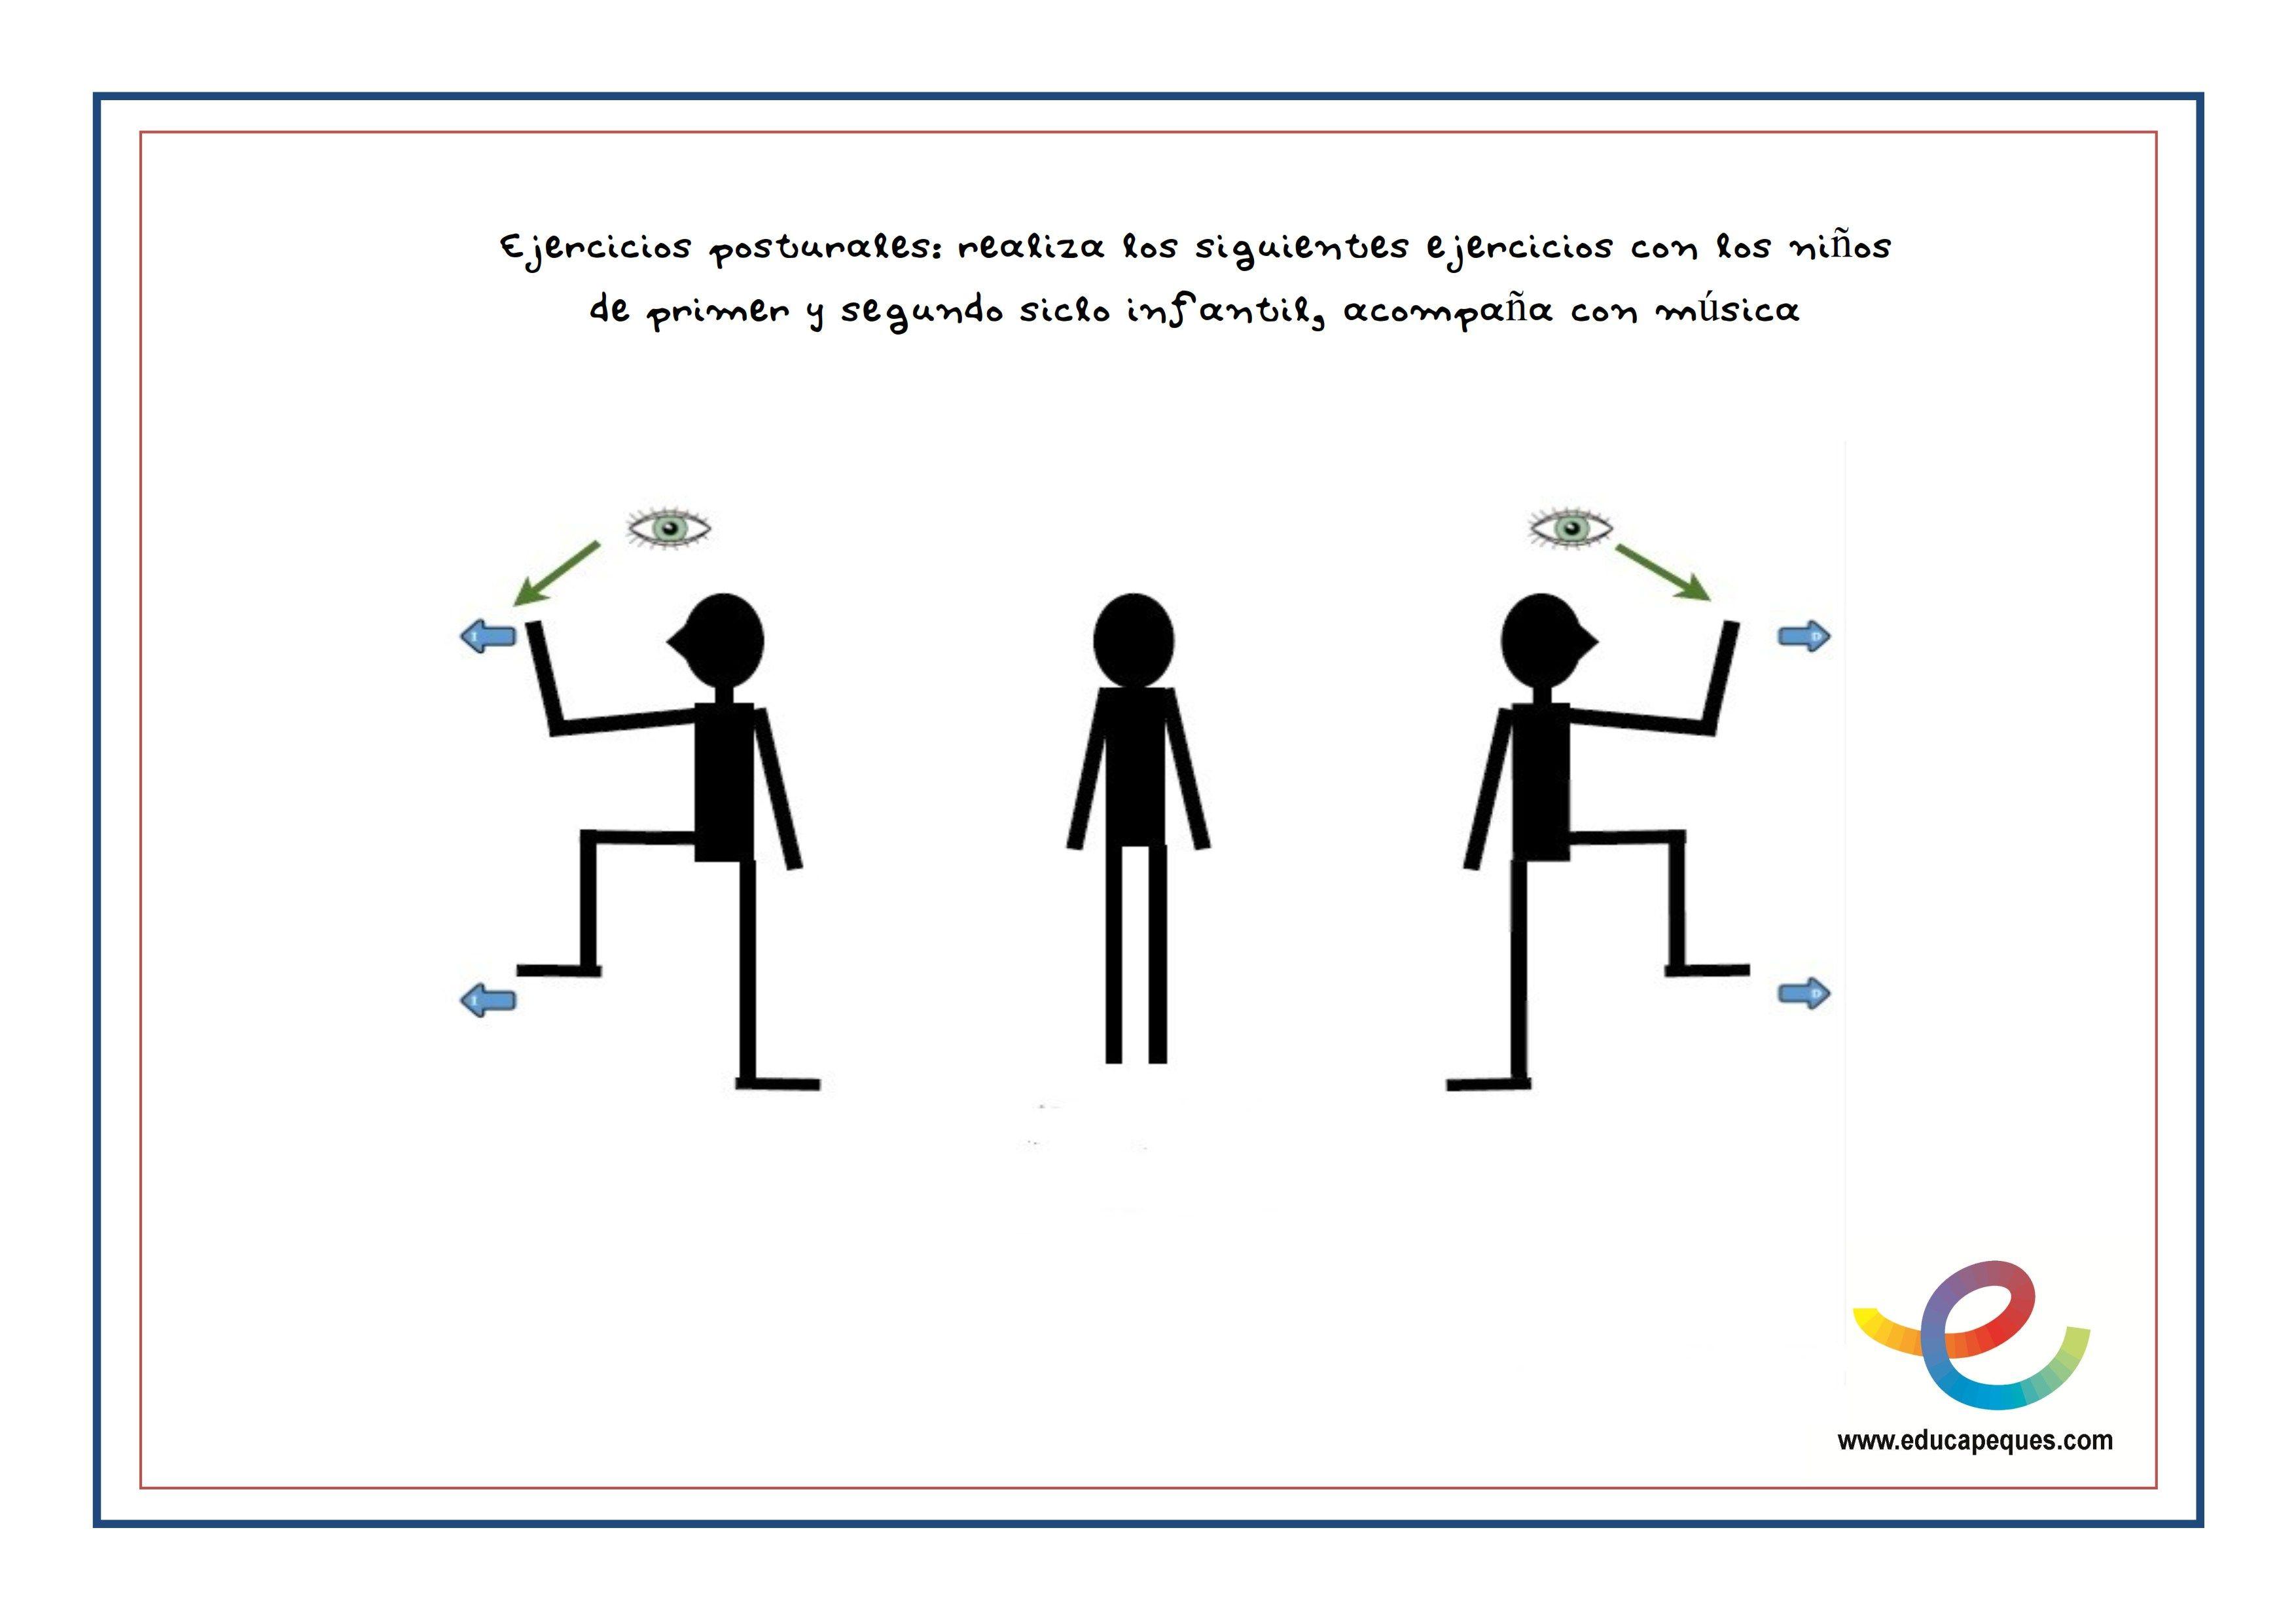 ejercicios de lateralidad, lateralidad, lateralidad cruzada, lateralidad  cerebral, actividades de lateralidad